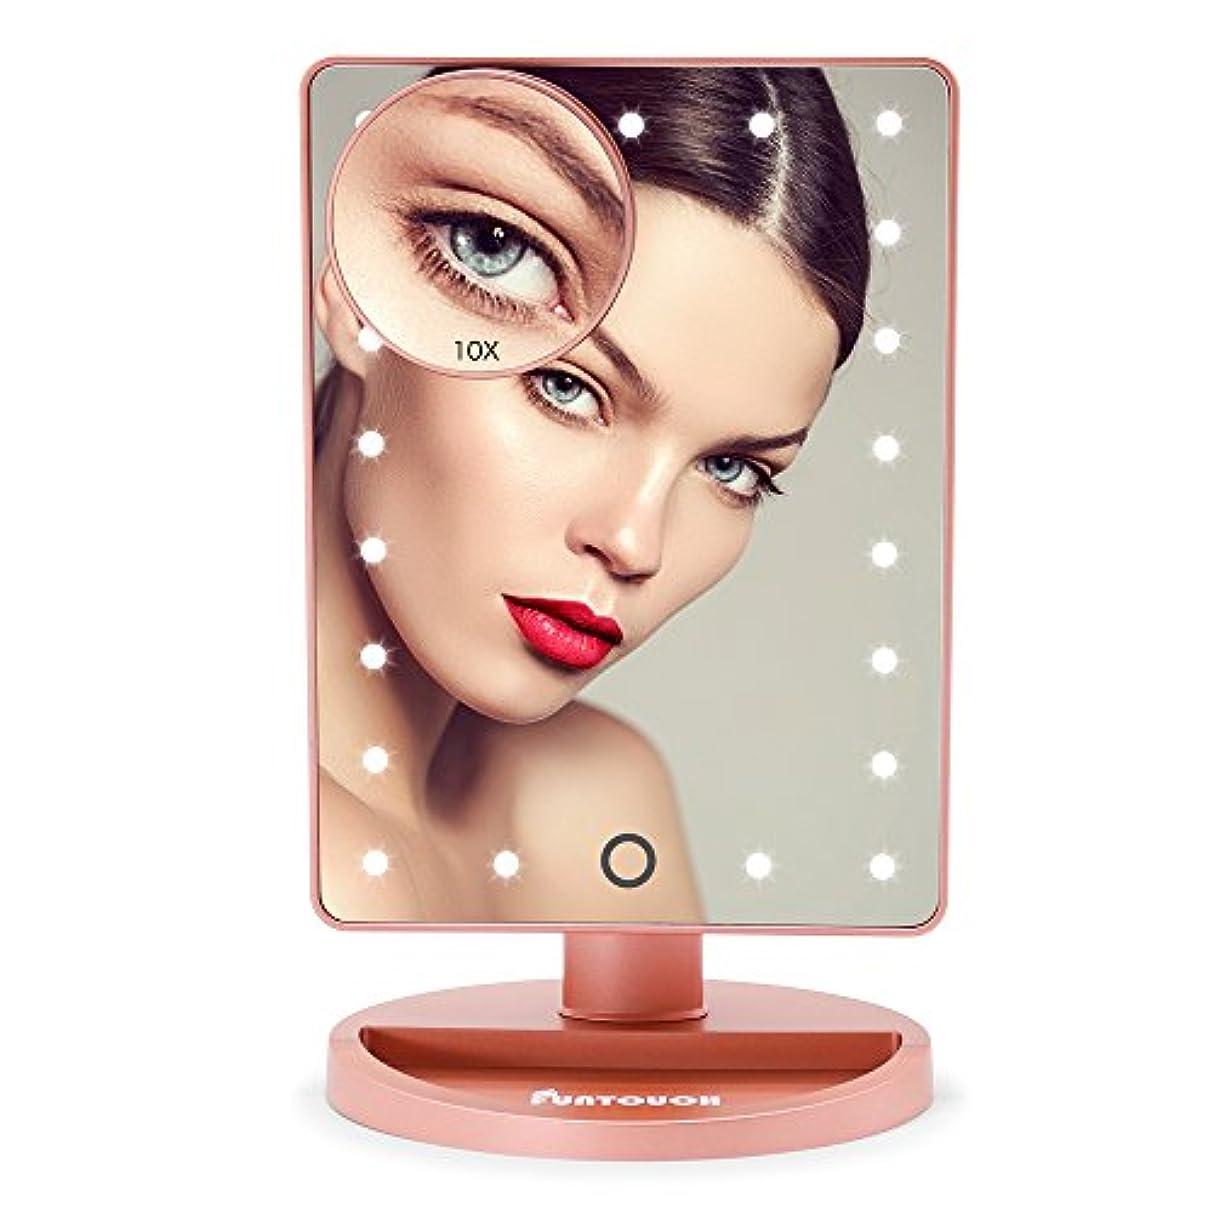 スリム秋霧化粧鏡 卓上鏡 化粧ミラー 鏡 女優ミラー 卓上 21 led 拡大鏡 10倍 明るさ調節可能 180°回転 電池給電(Rose Gold)